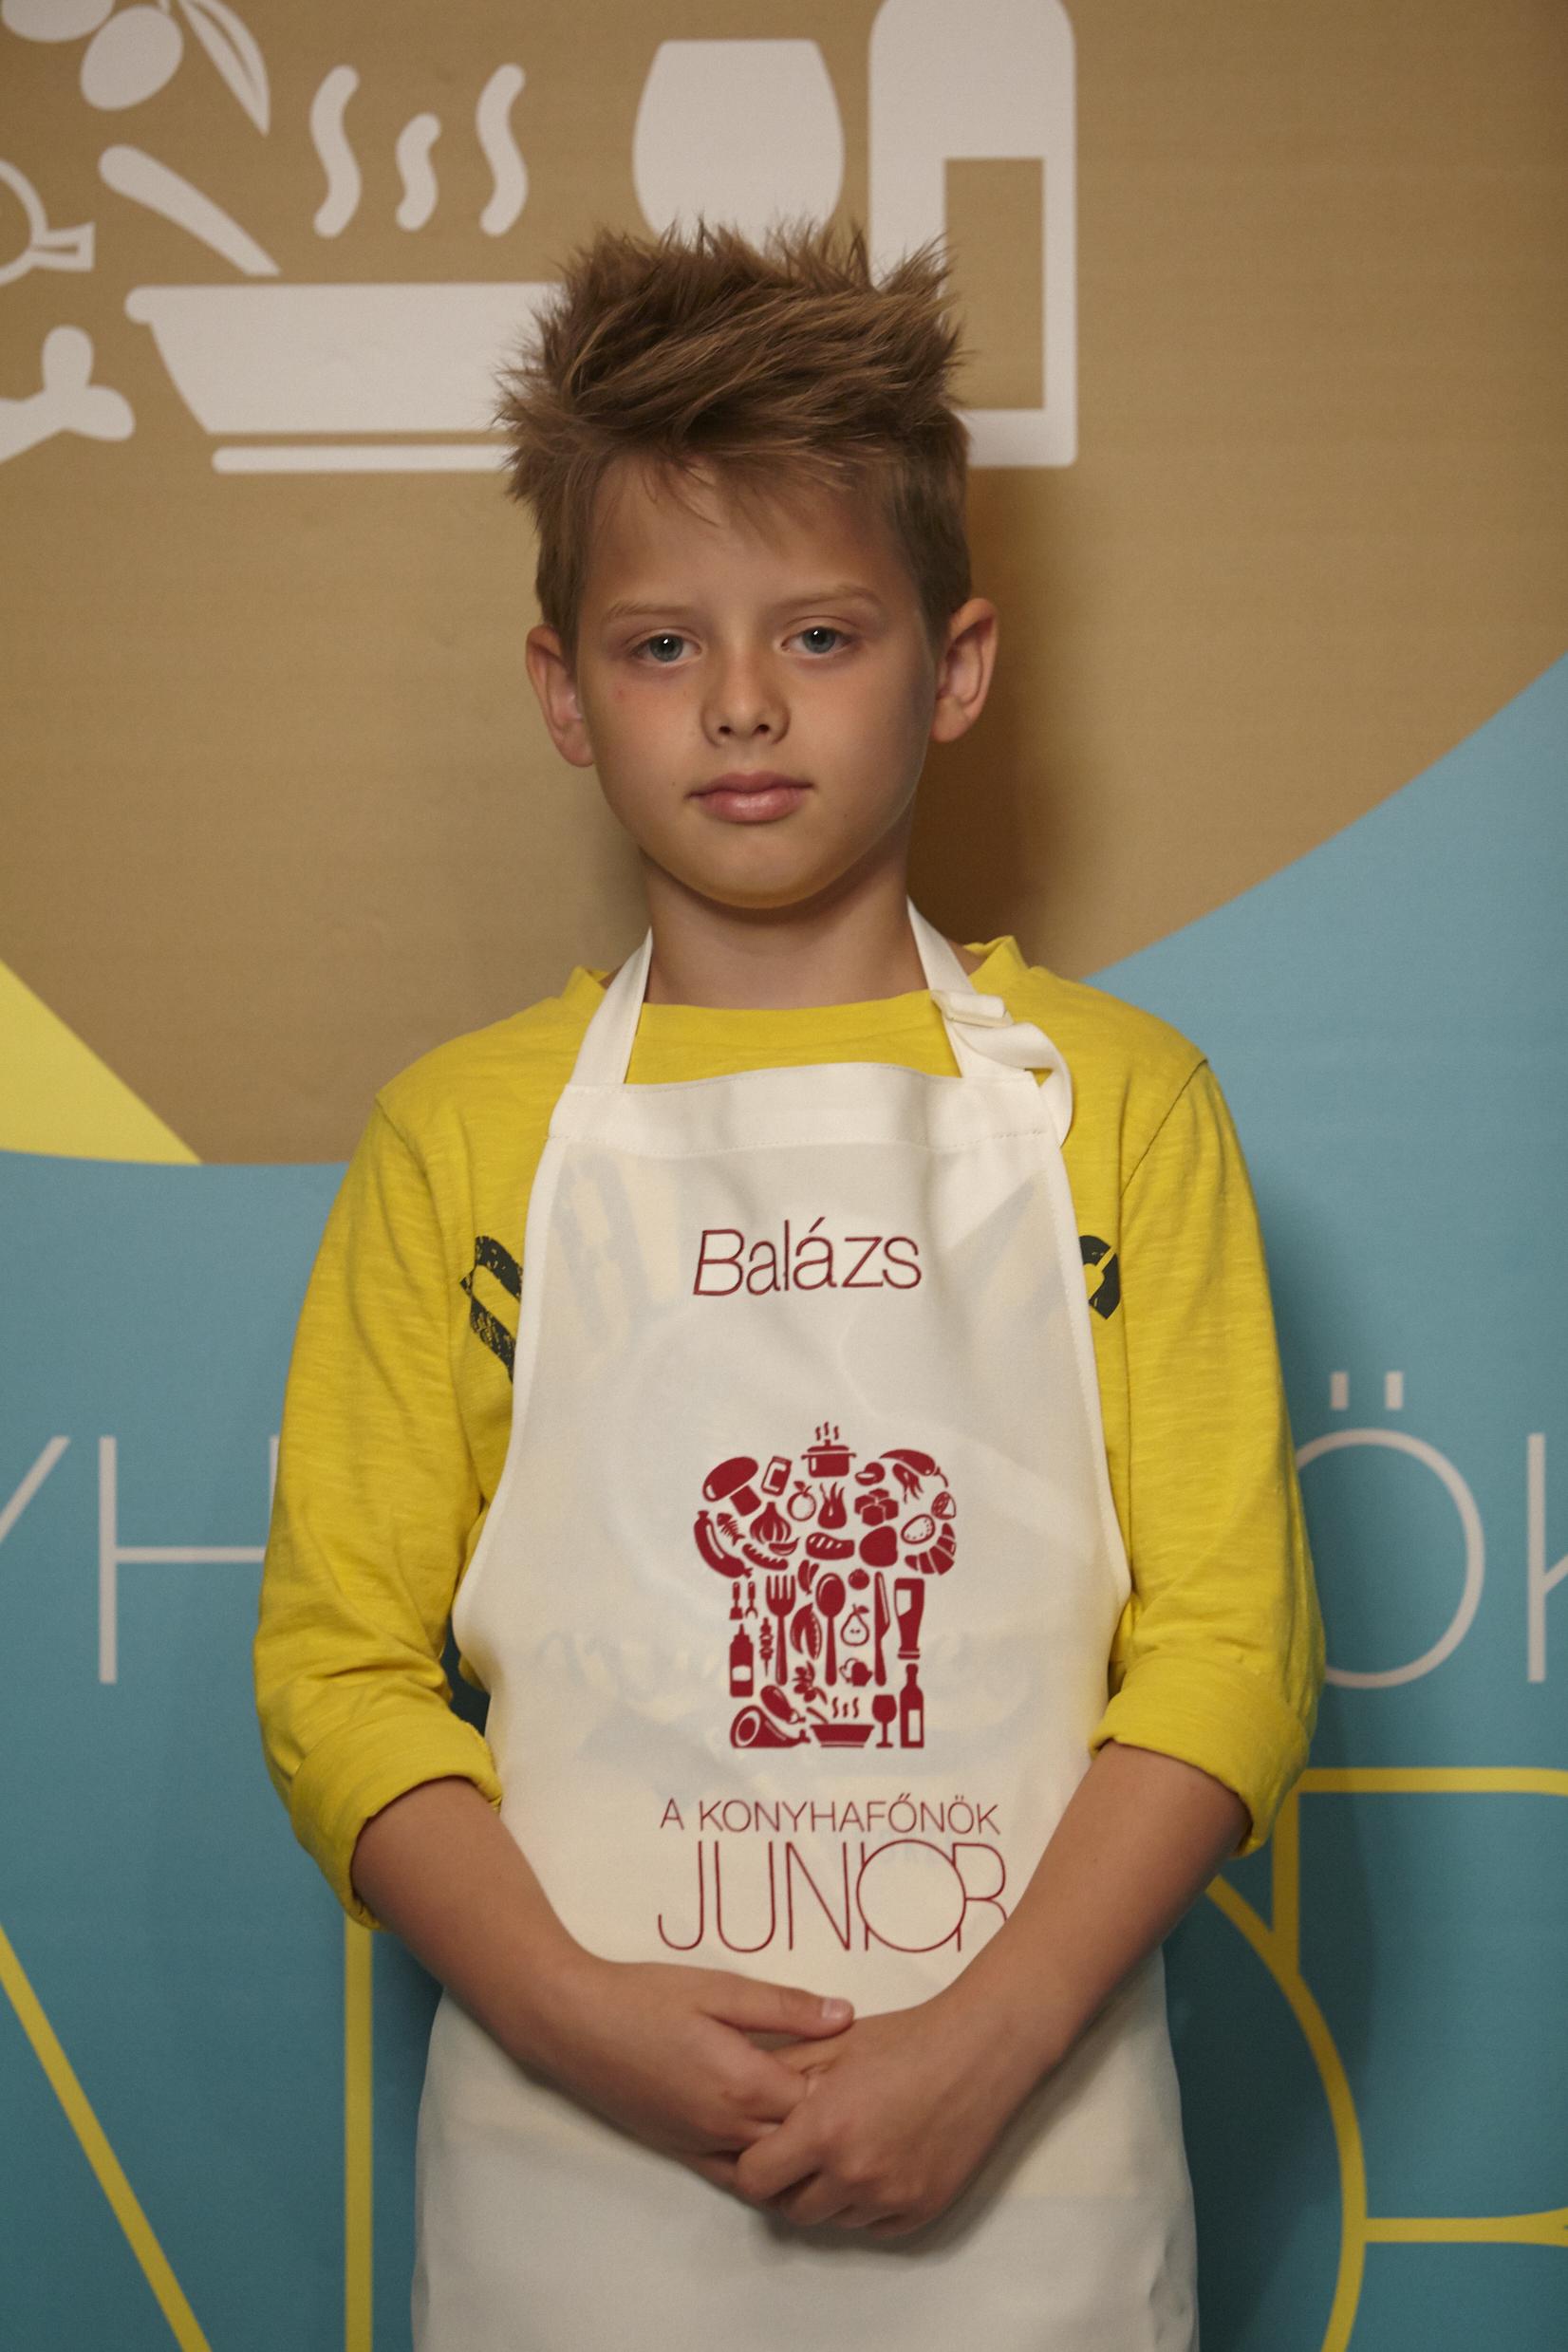 Újabb hét, újabb versenyzők a Konyhafőnök Juniorban!